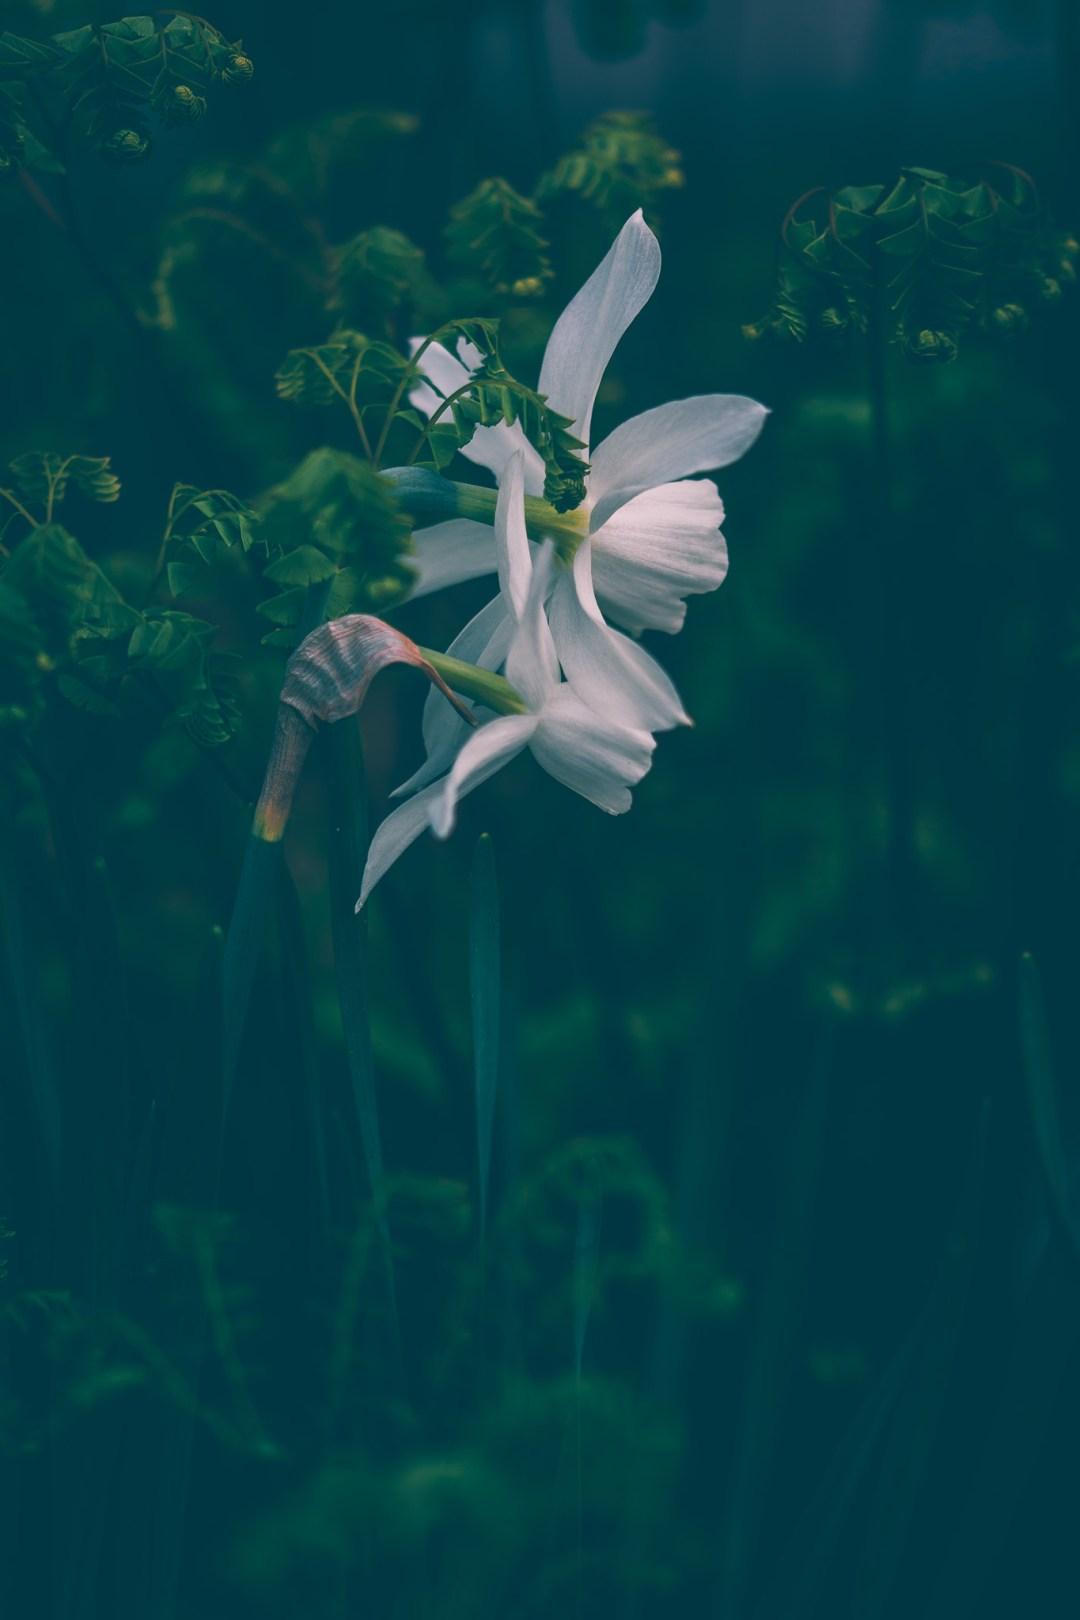 narciss thalia makro